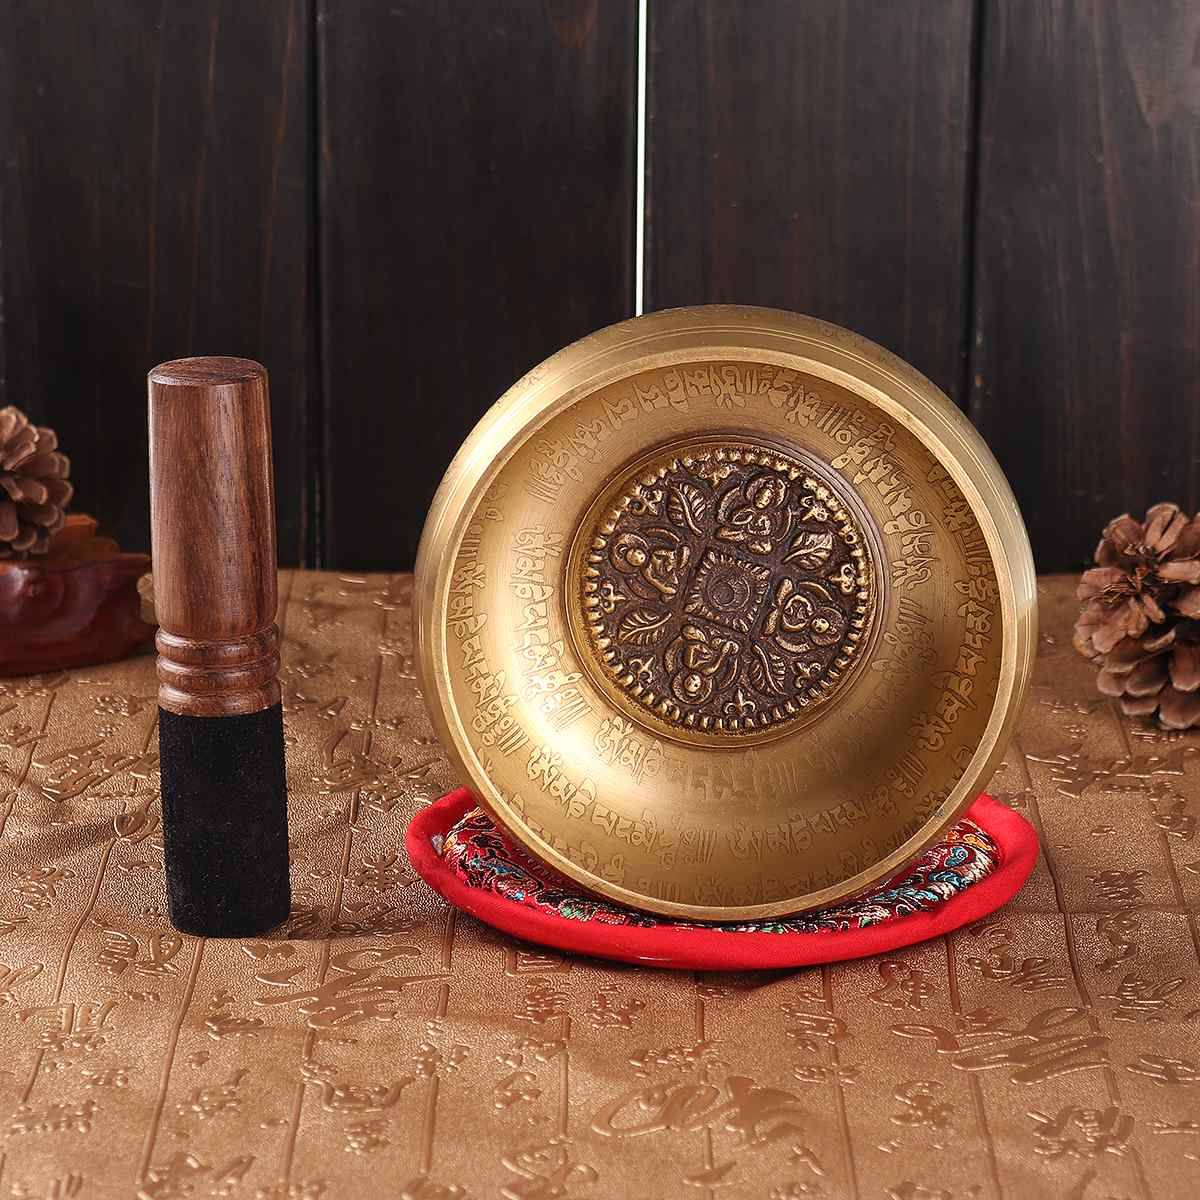 AliExpress Bol tibétain de chant bouddhiste népalais, bol de méditation, son bouddhiste, thérapie de Yoga,